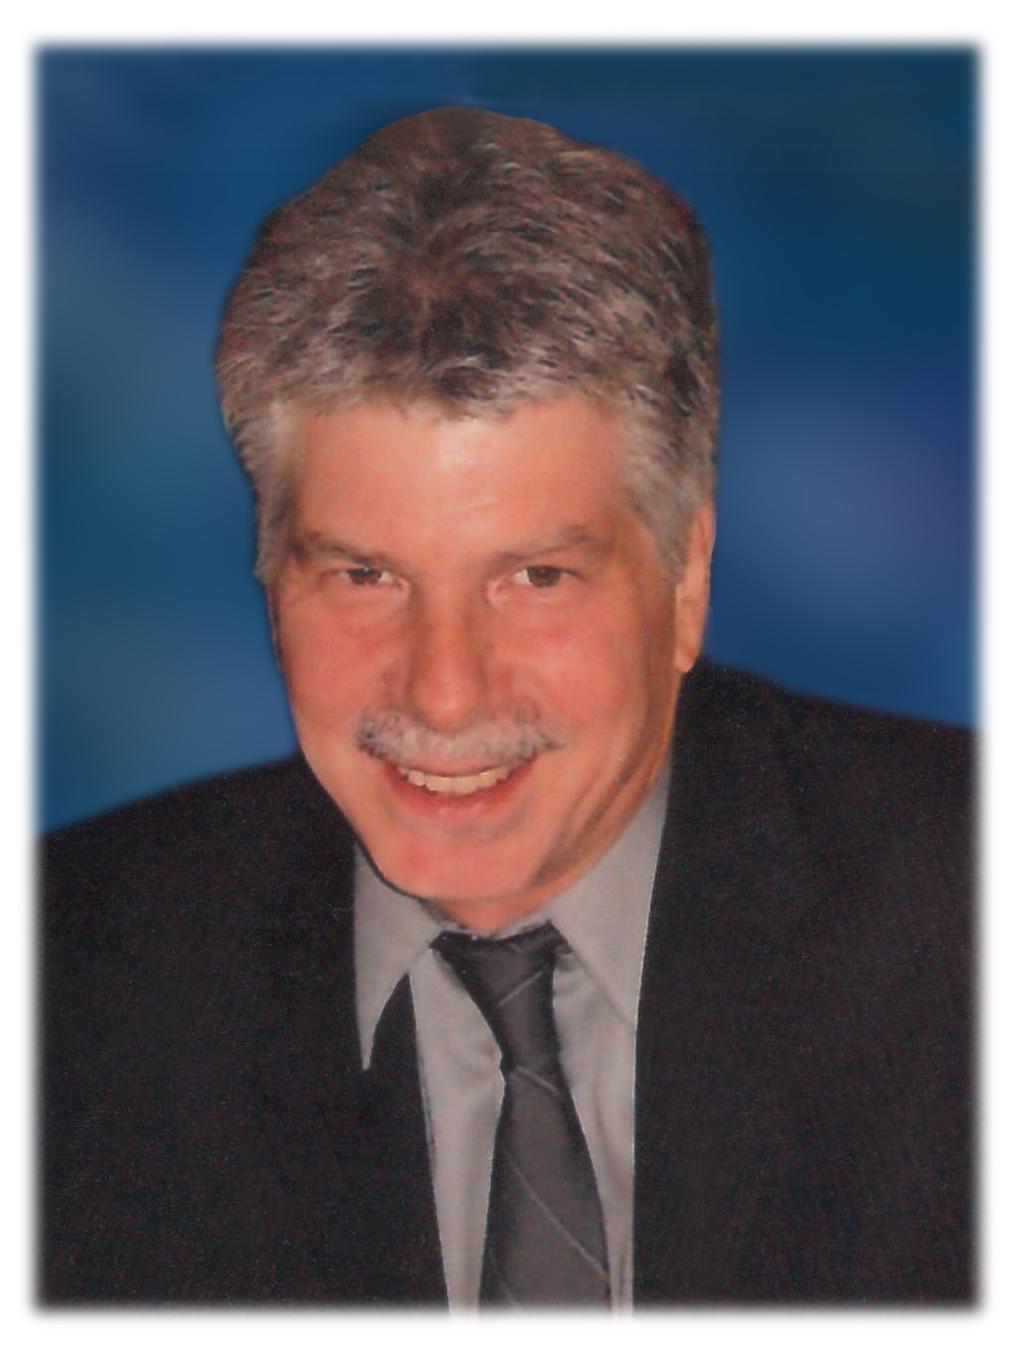 Obituary: MARK V. CASTAGNOLA